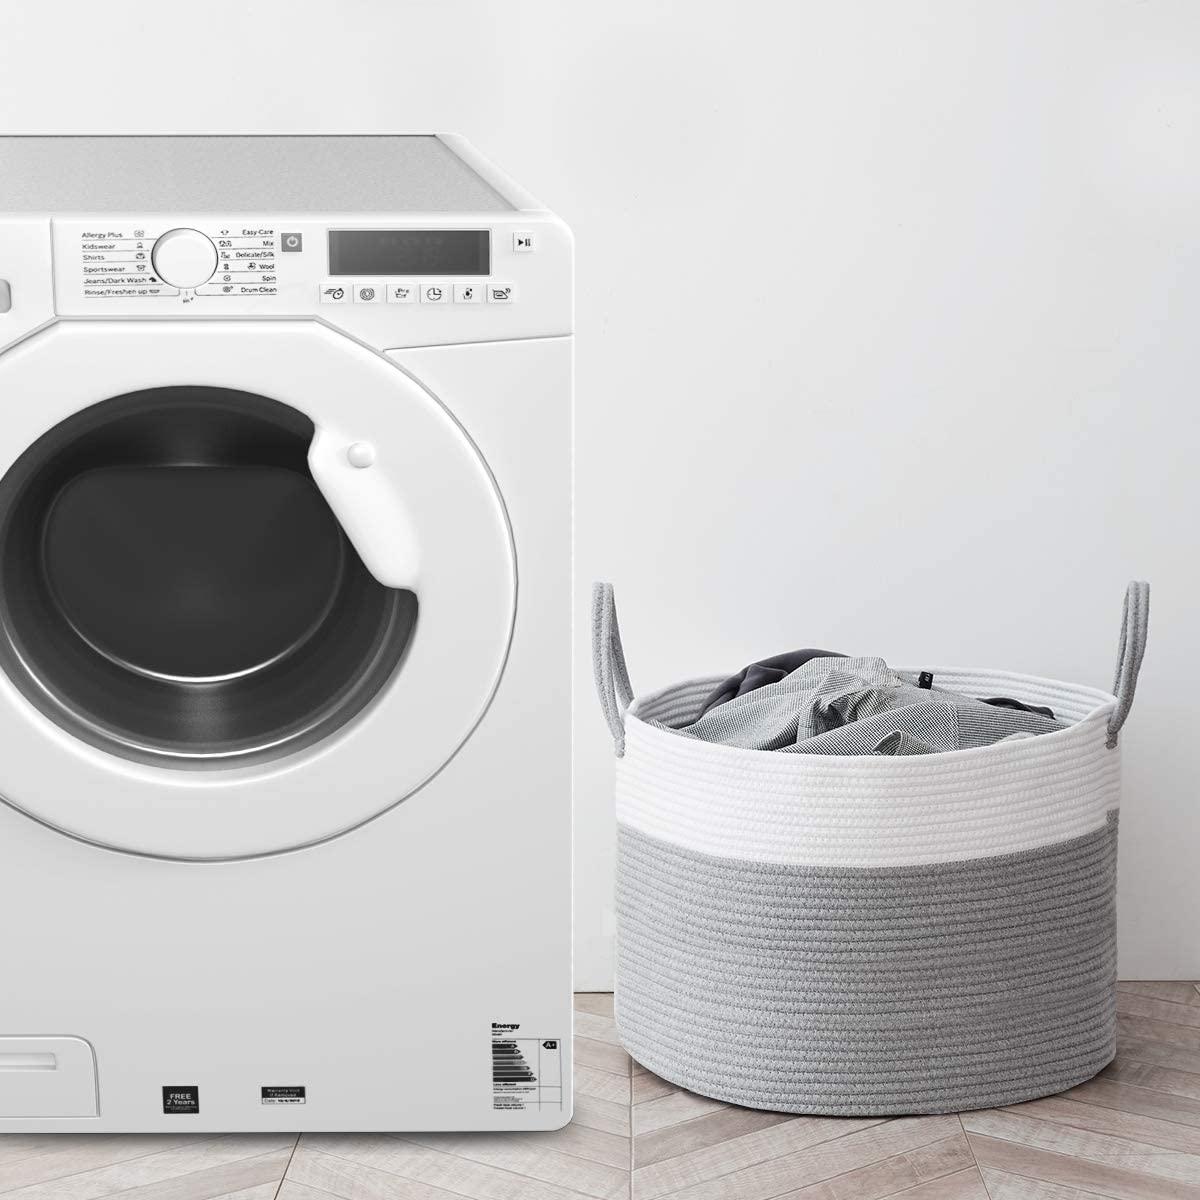 「ランドリーバッグ」で洗濯を楽しく♪ 人気おすすめアイテム8選